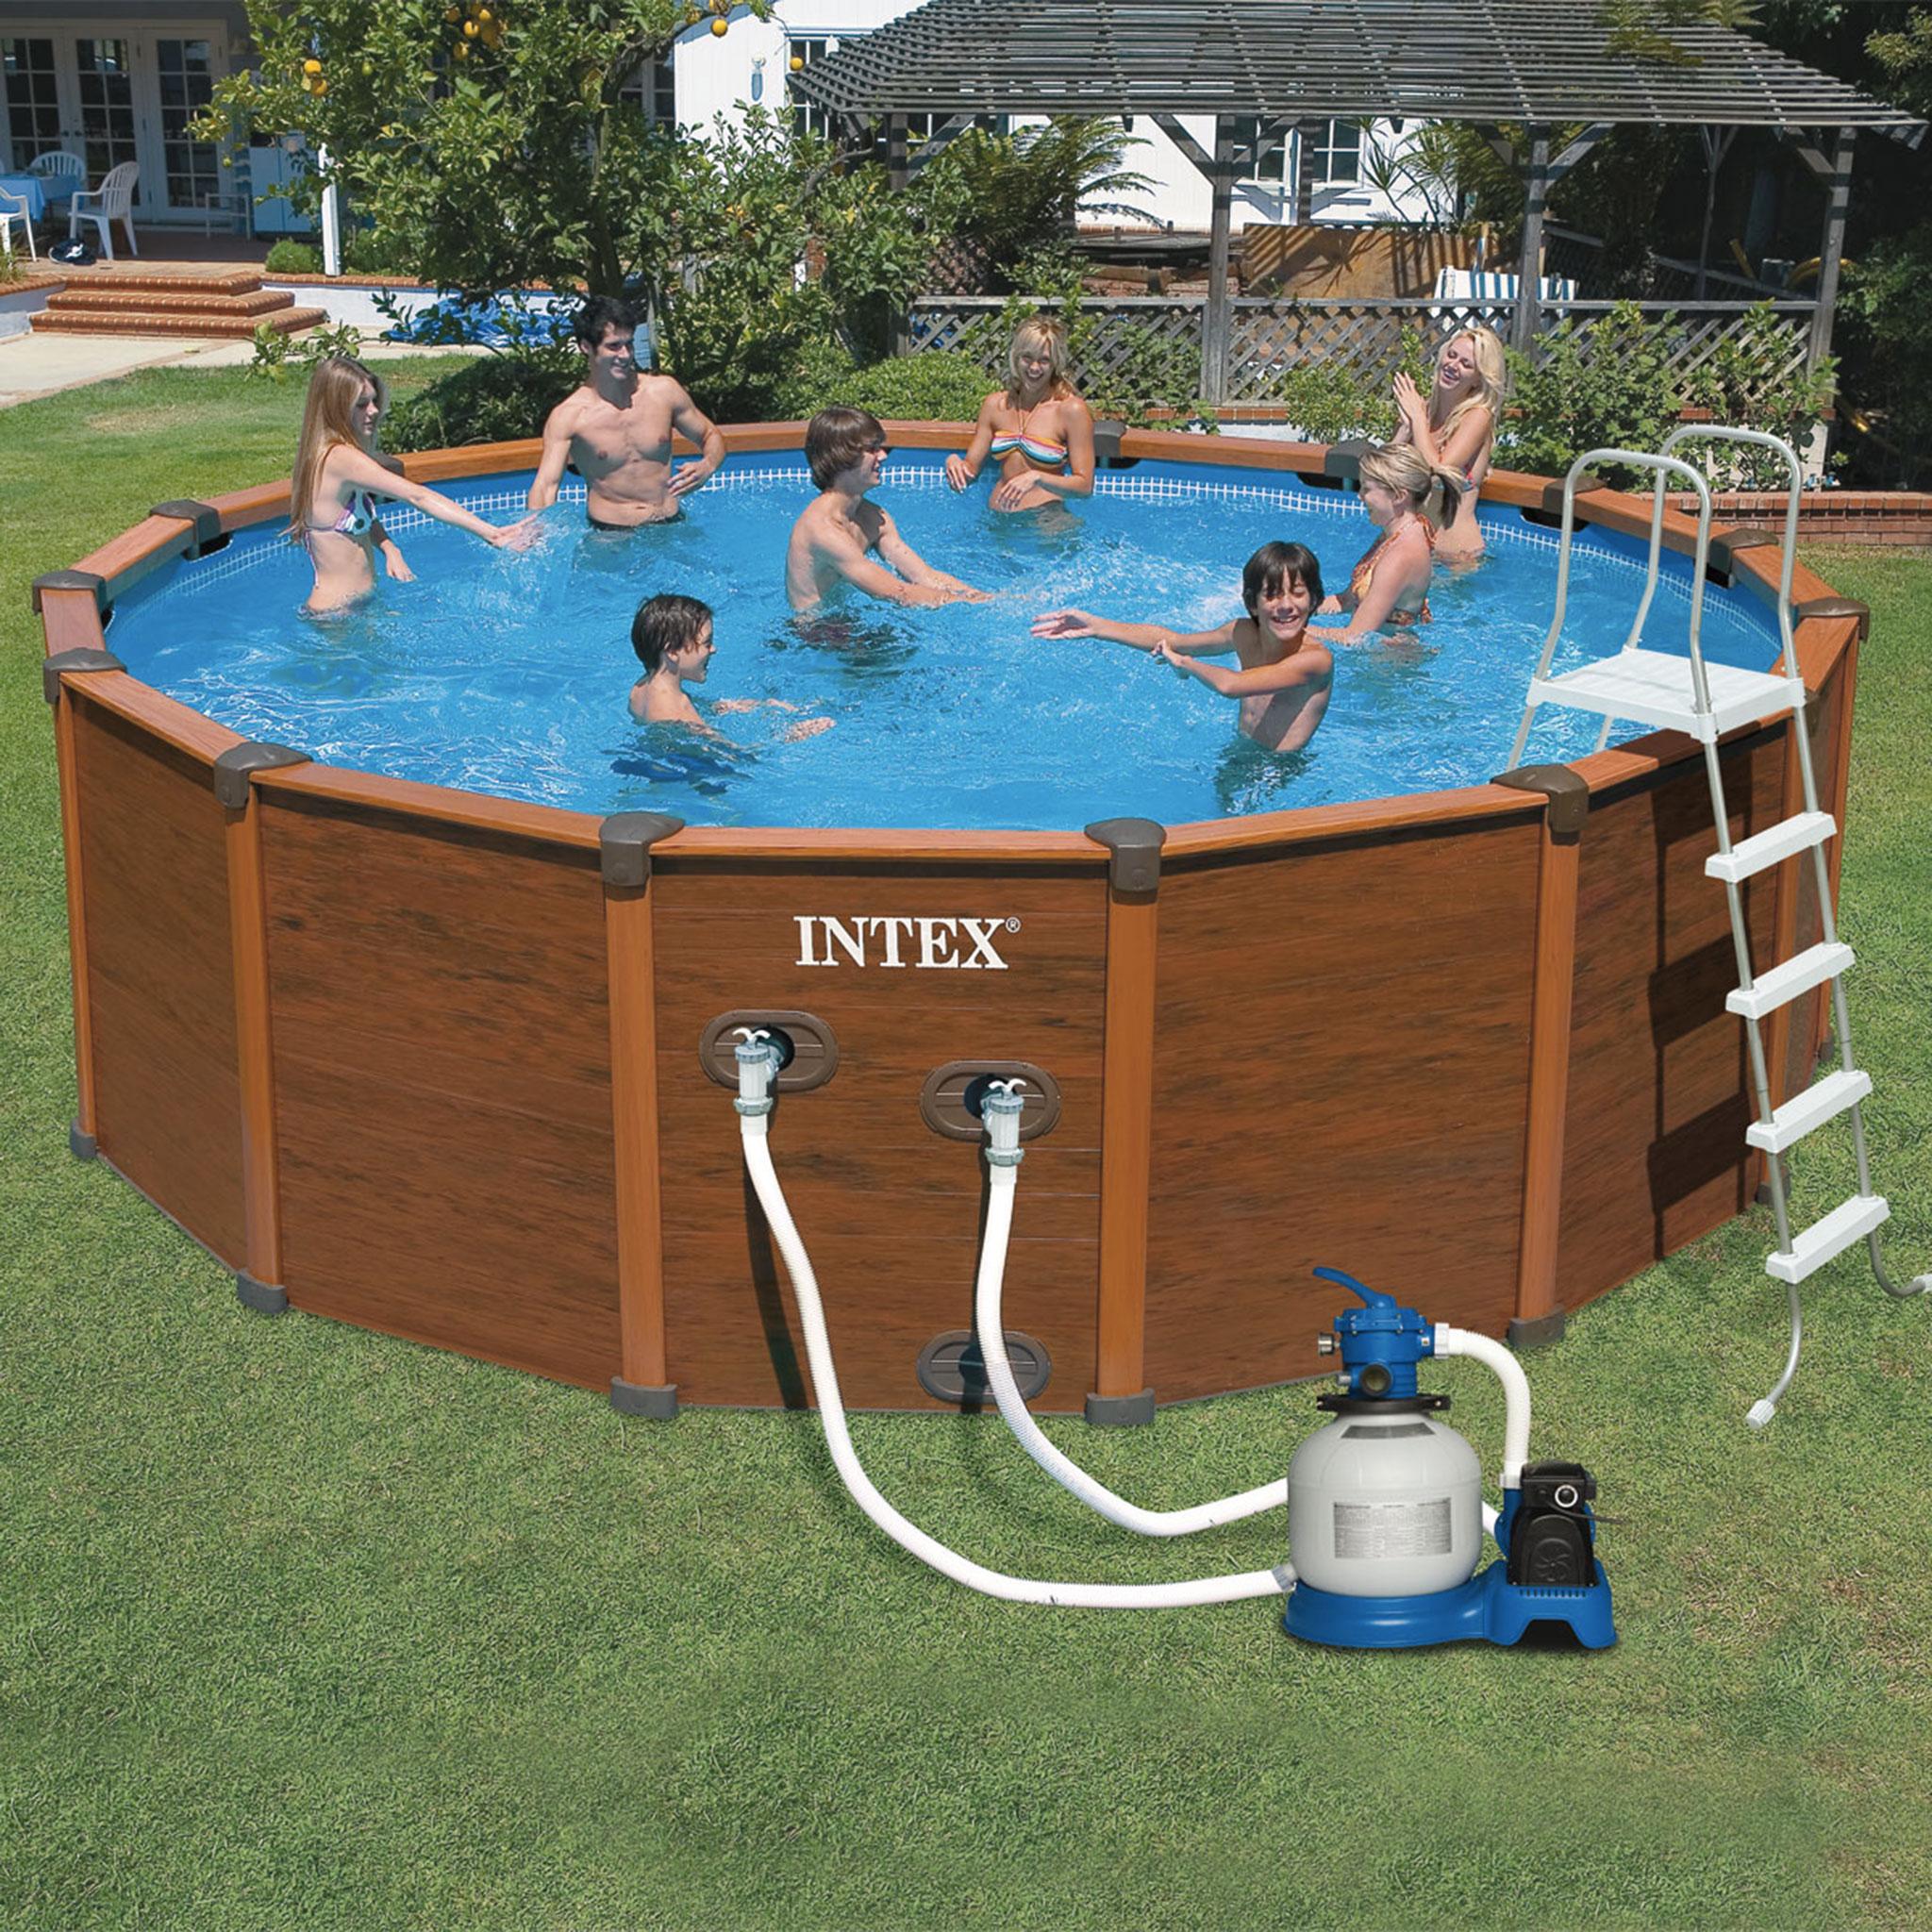 piscine intex promo